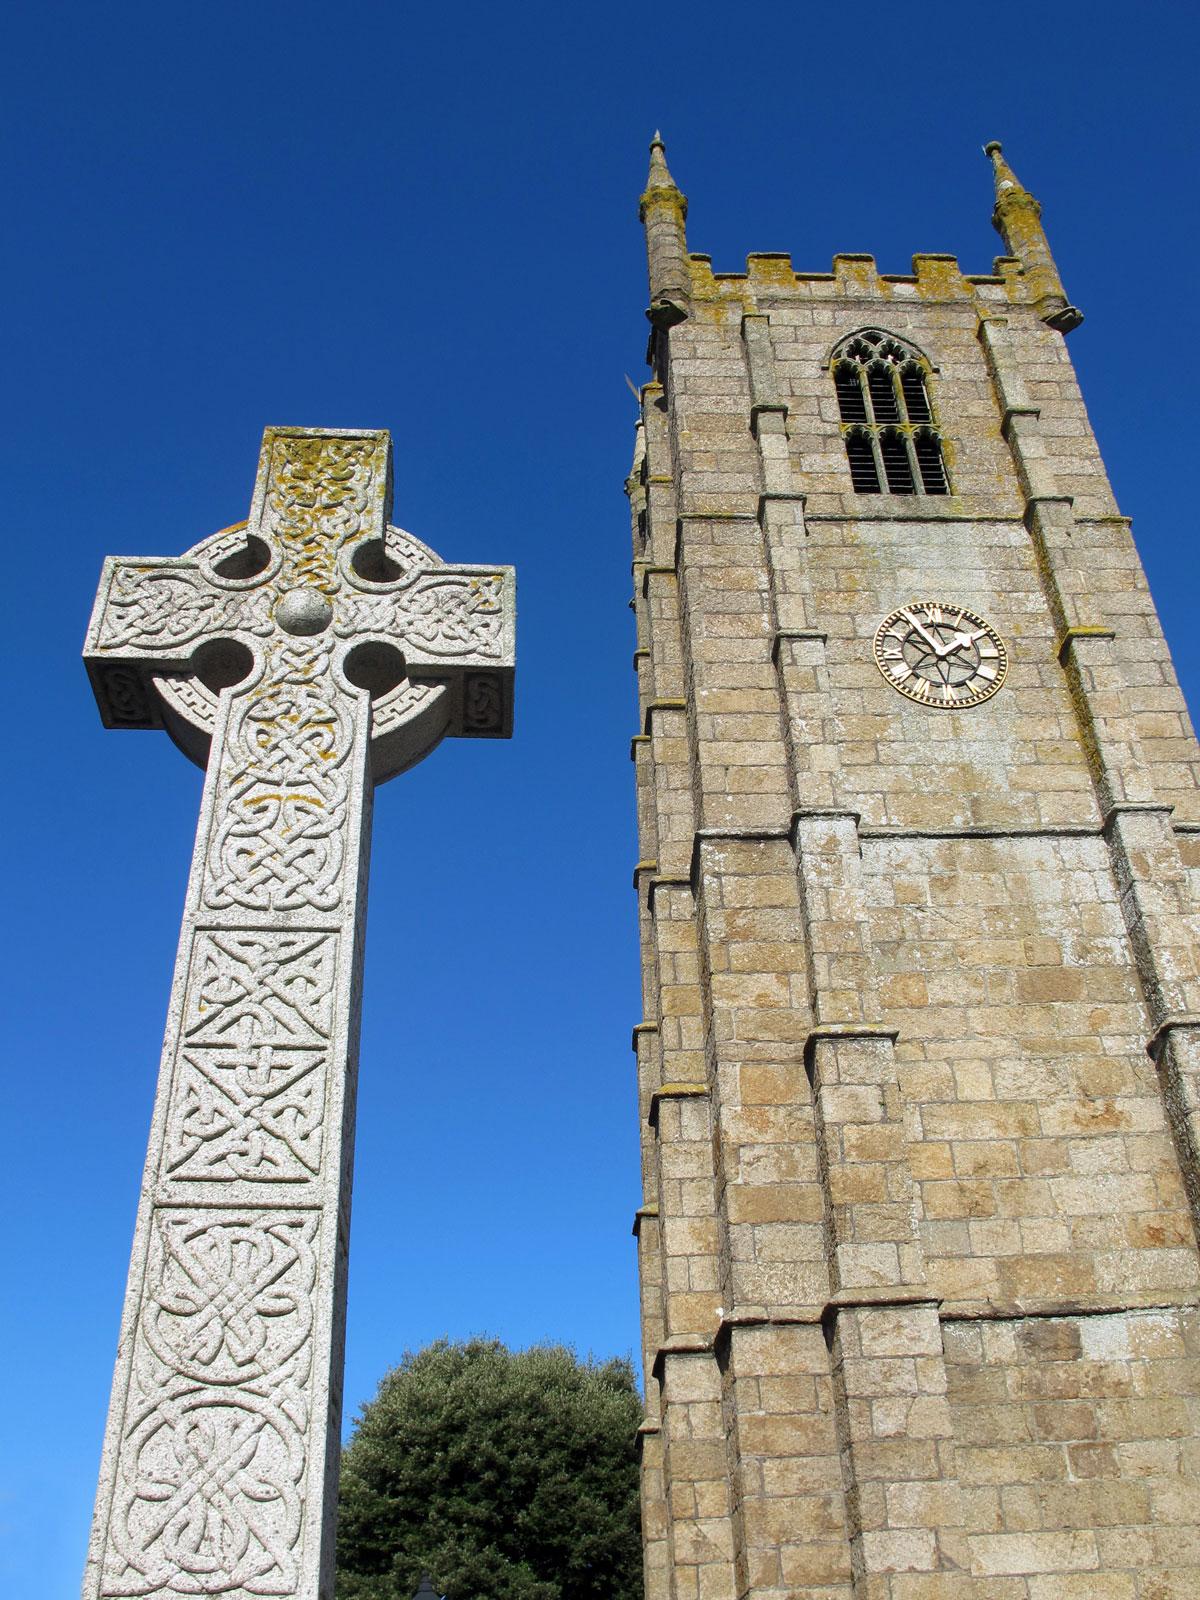 St Ia's Church